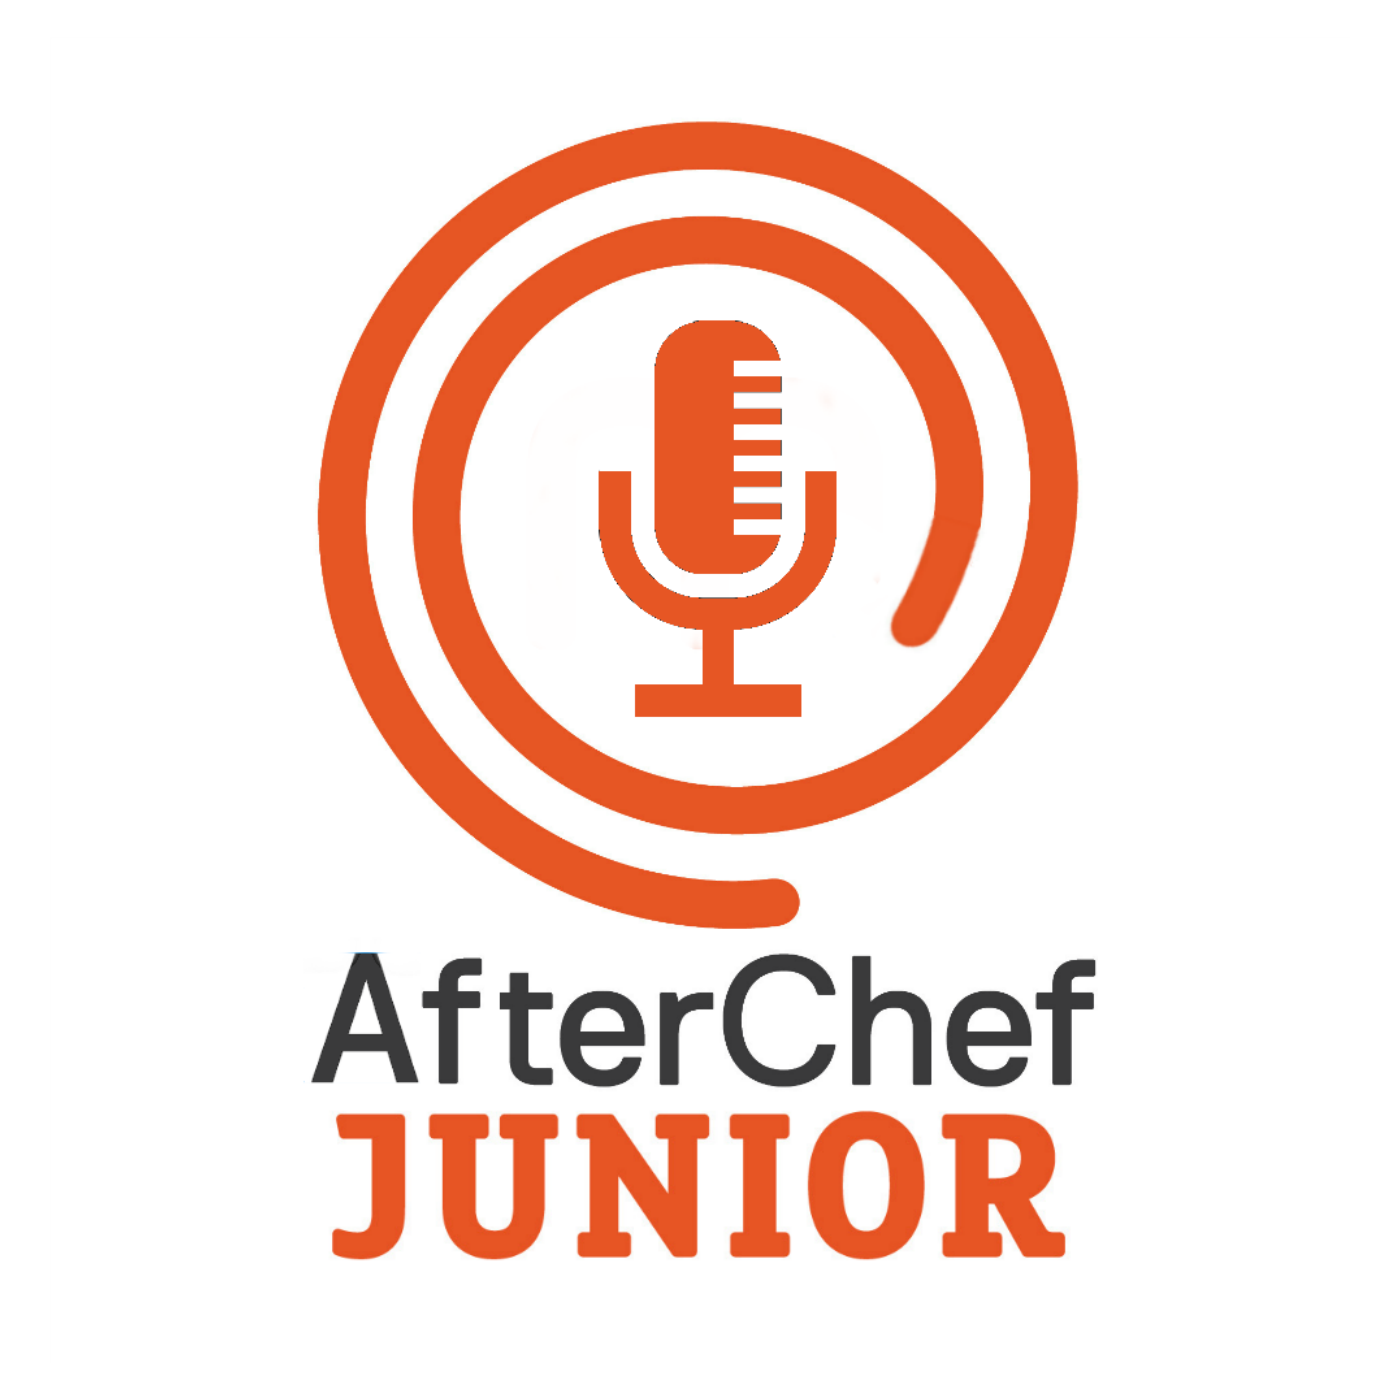 AfterChef Junior